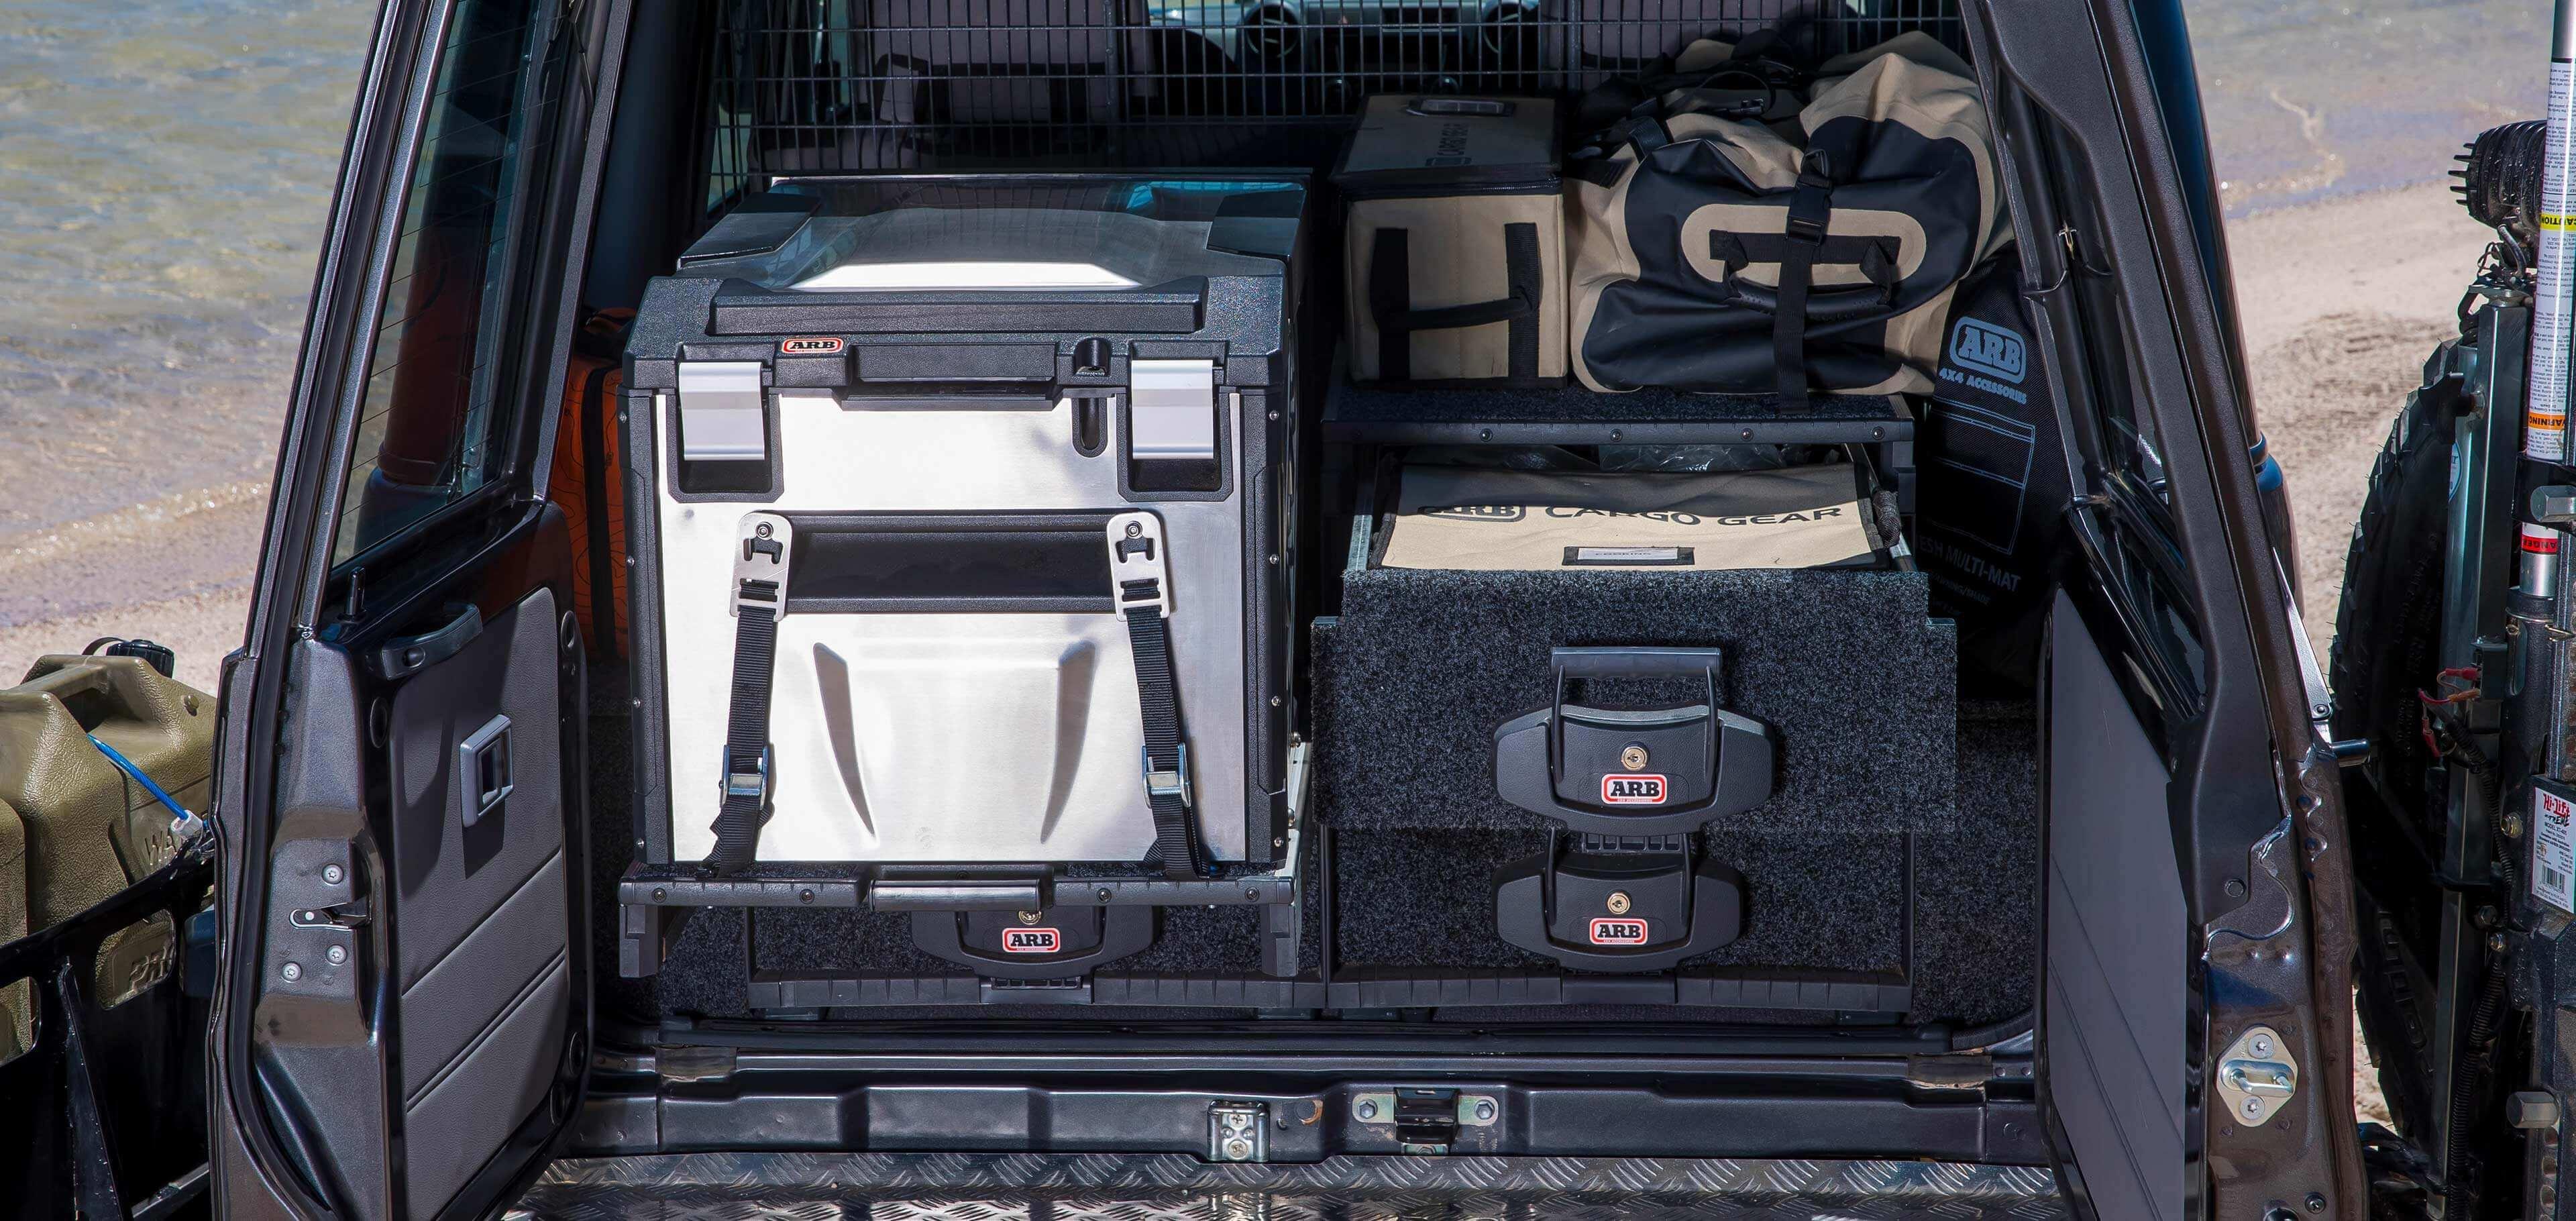 ARB アウトバックソリューション ローラードロワードロワー・荷室収納用具